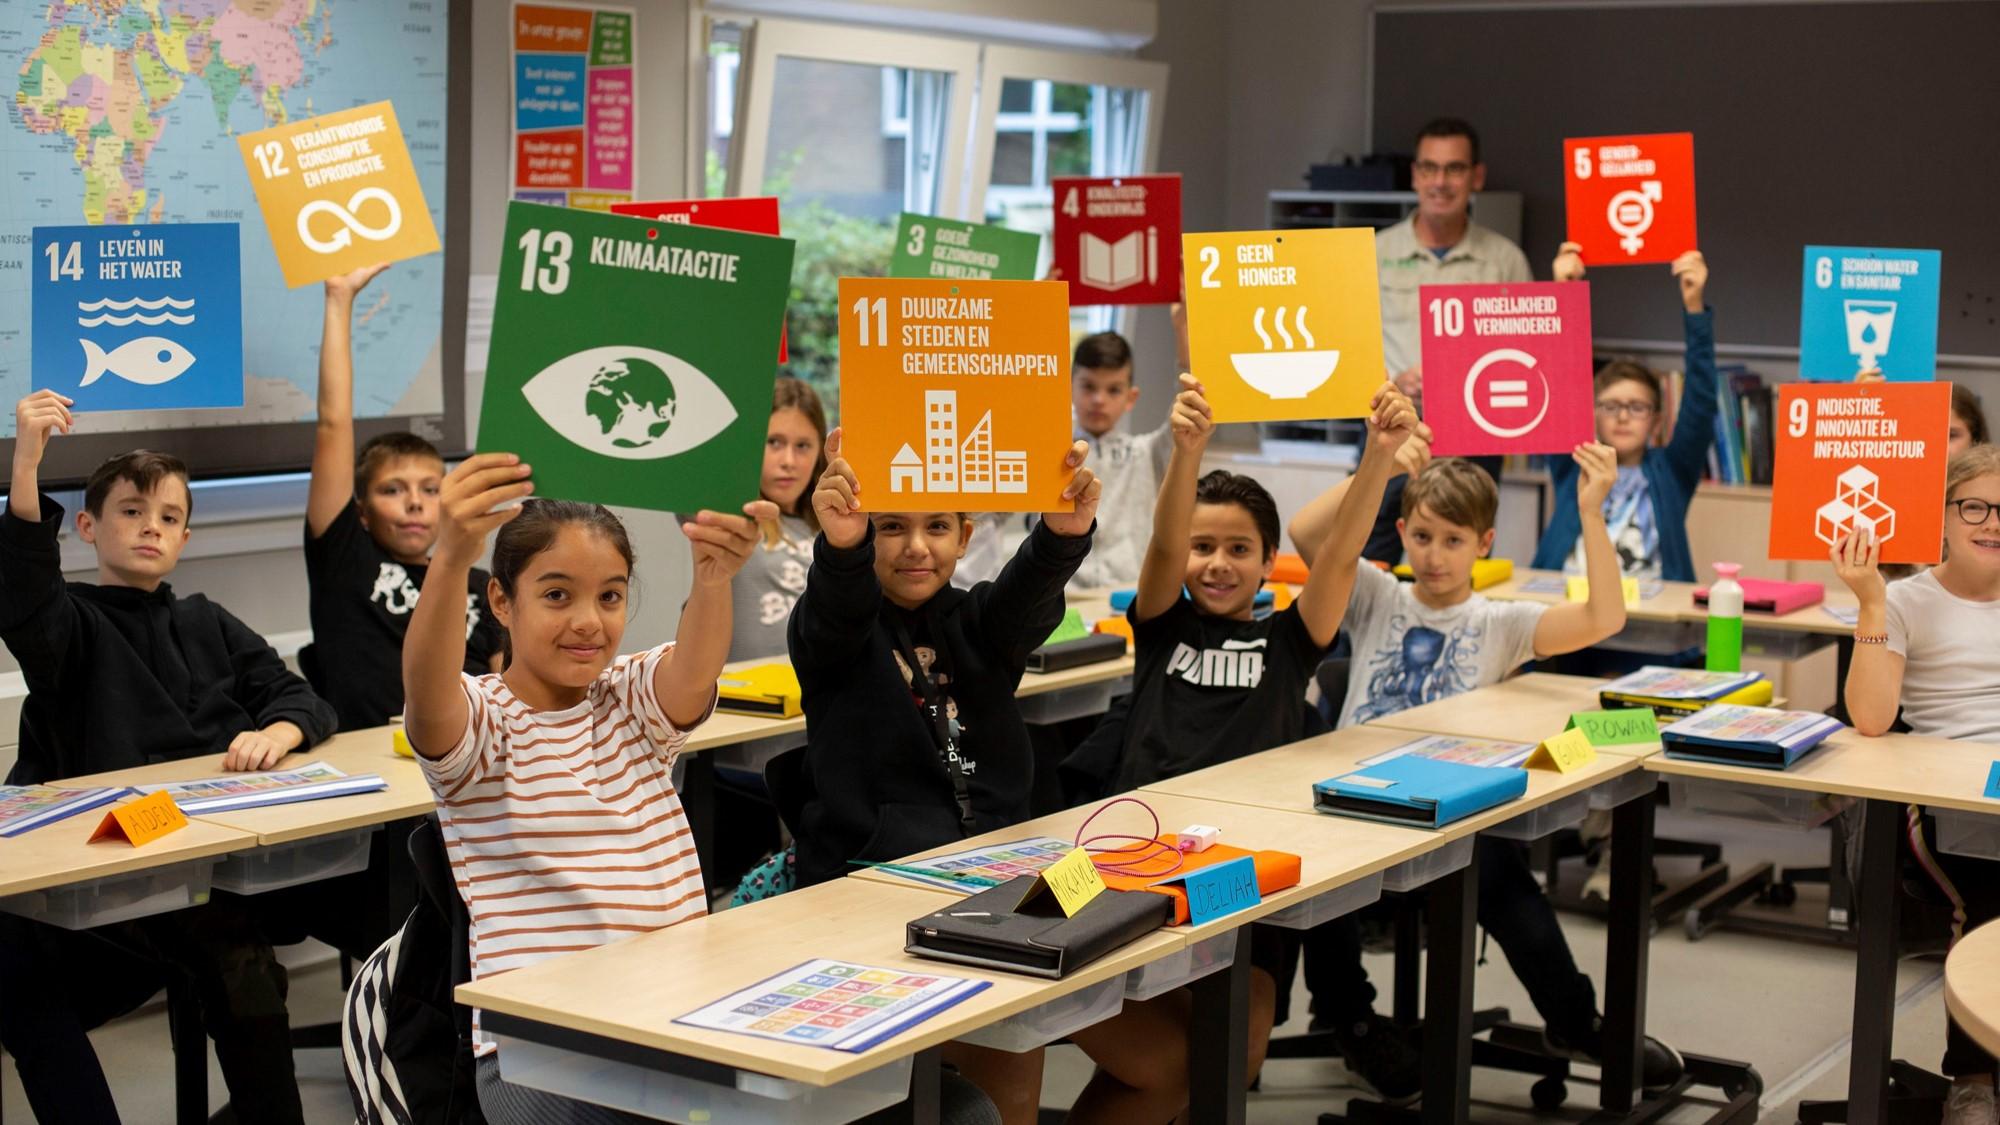 CNME Maastricht wint GDO Innovatieprijs 2020 met SDG-project